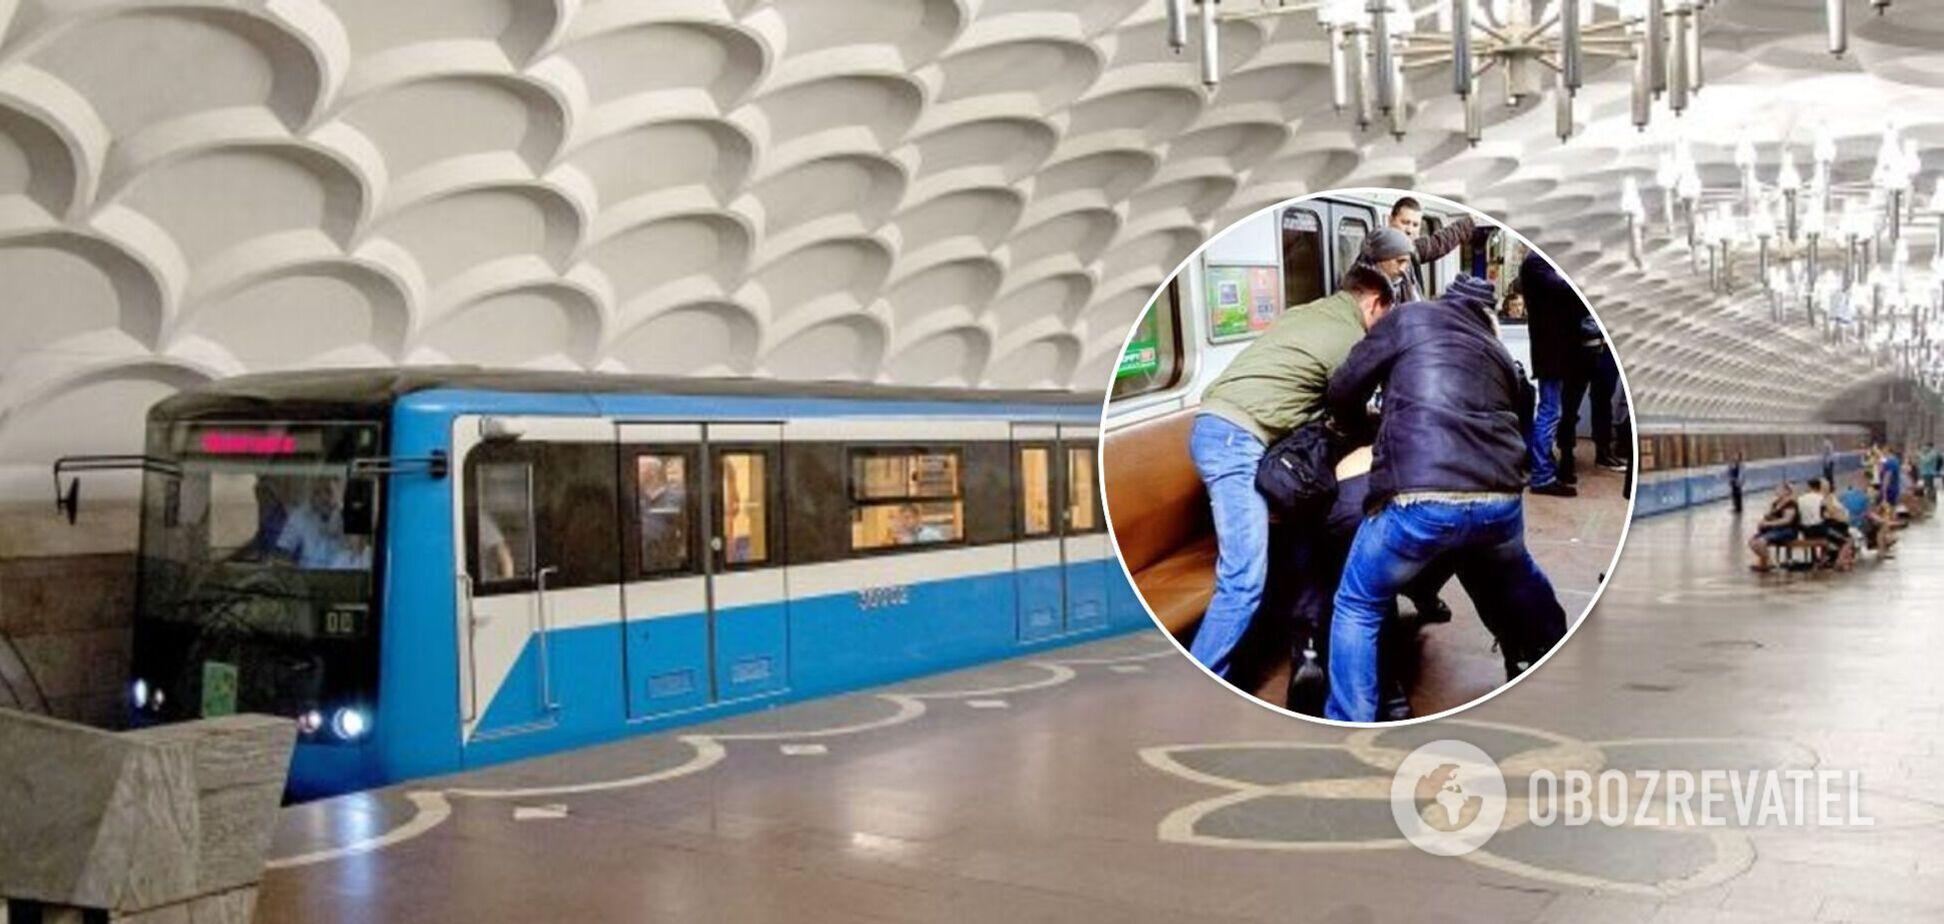 В метро Харькова мужчина избил пассажира